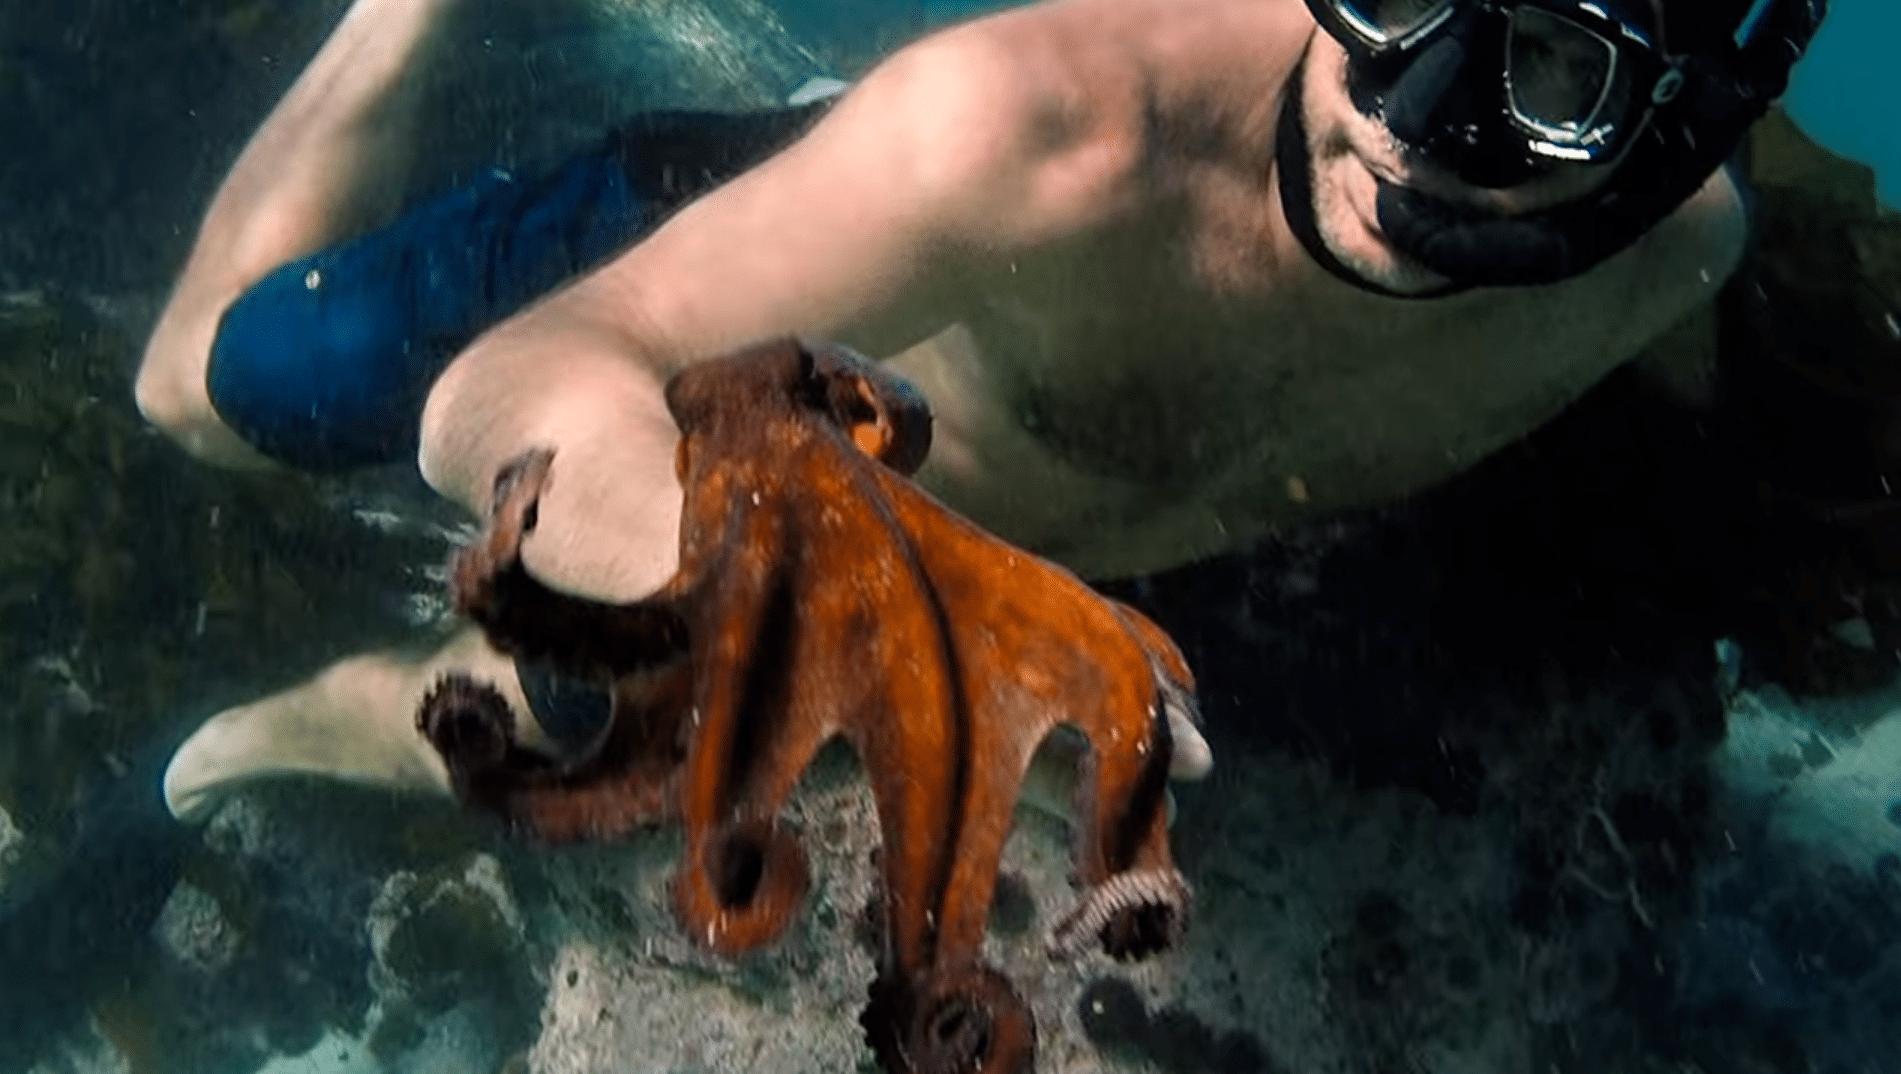 מגזין ''מקו ועד תרבות'' - ''חפצים'' My octopus teacher</br>סרט לוכד